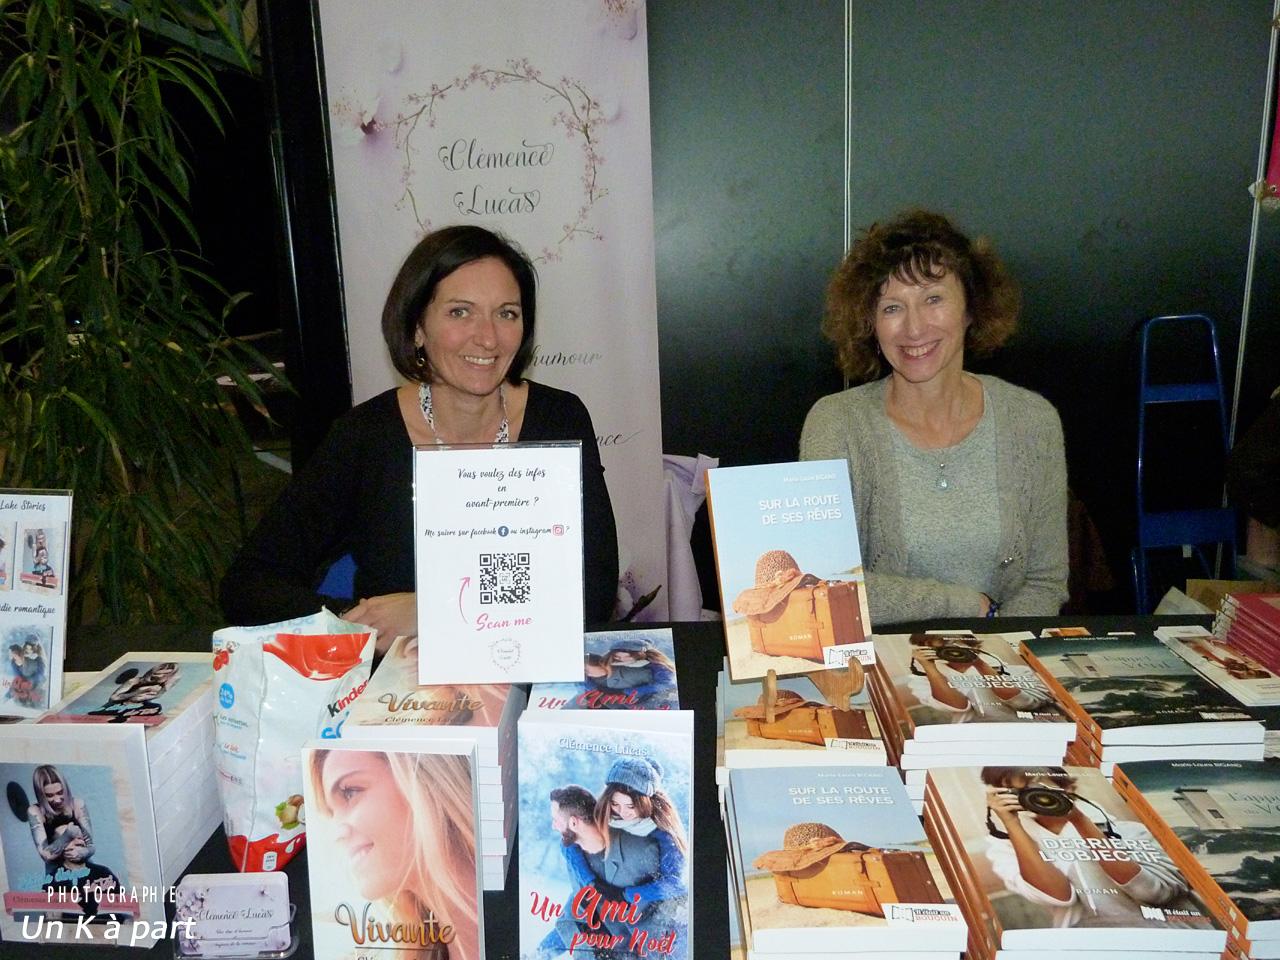 FLR 2019 Clémence Lucas Marie-Laure Bigand